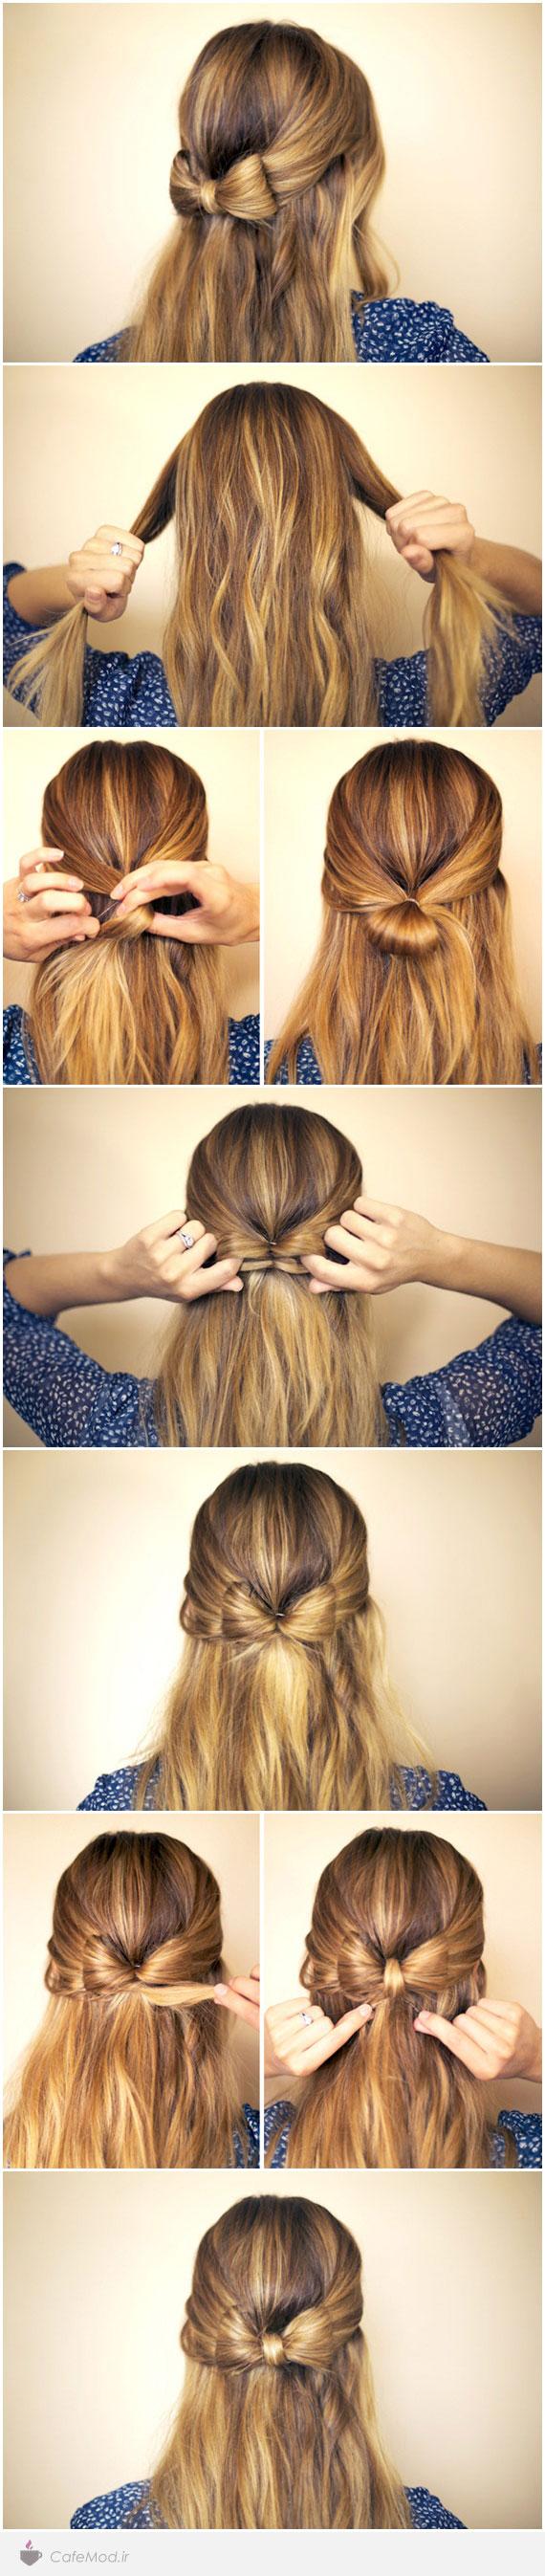 آموزش مدل پاپیونی مو